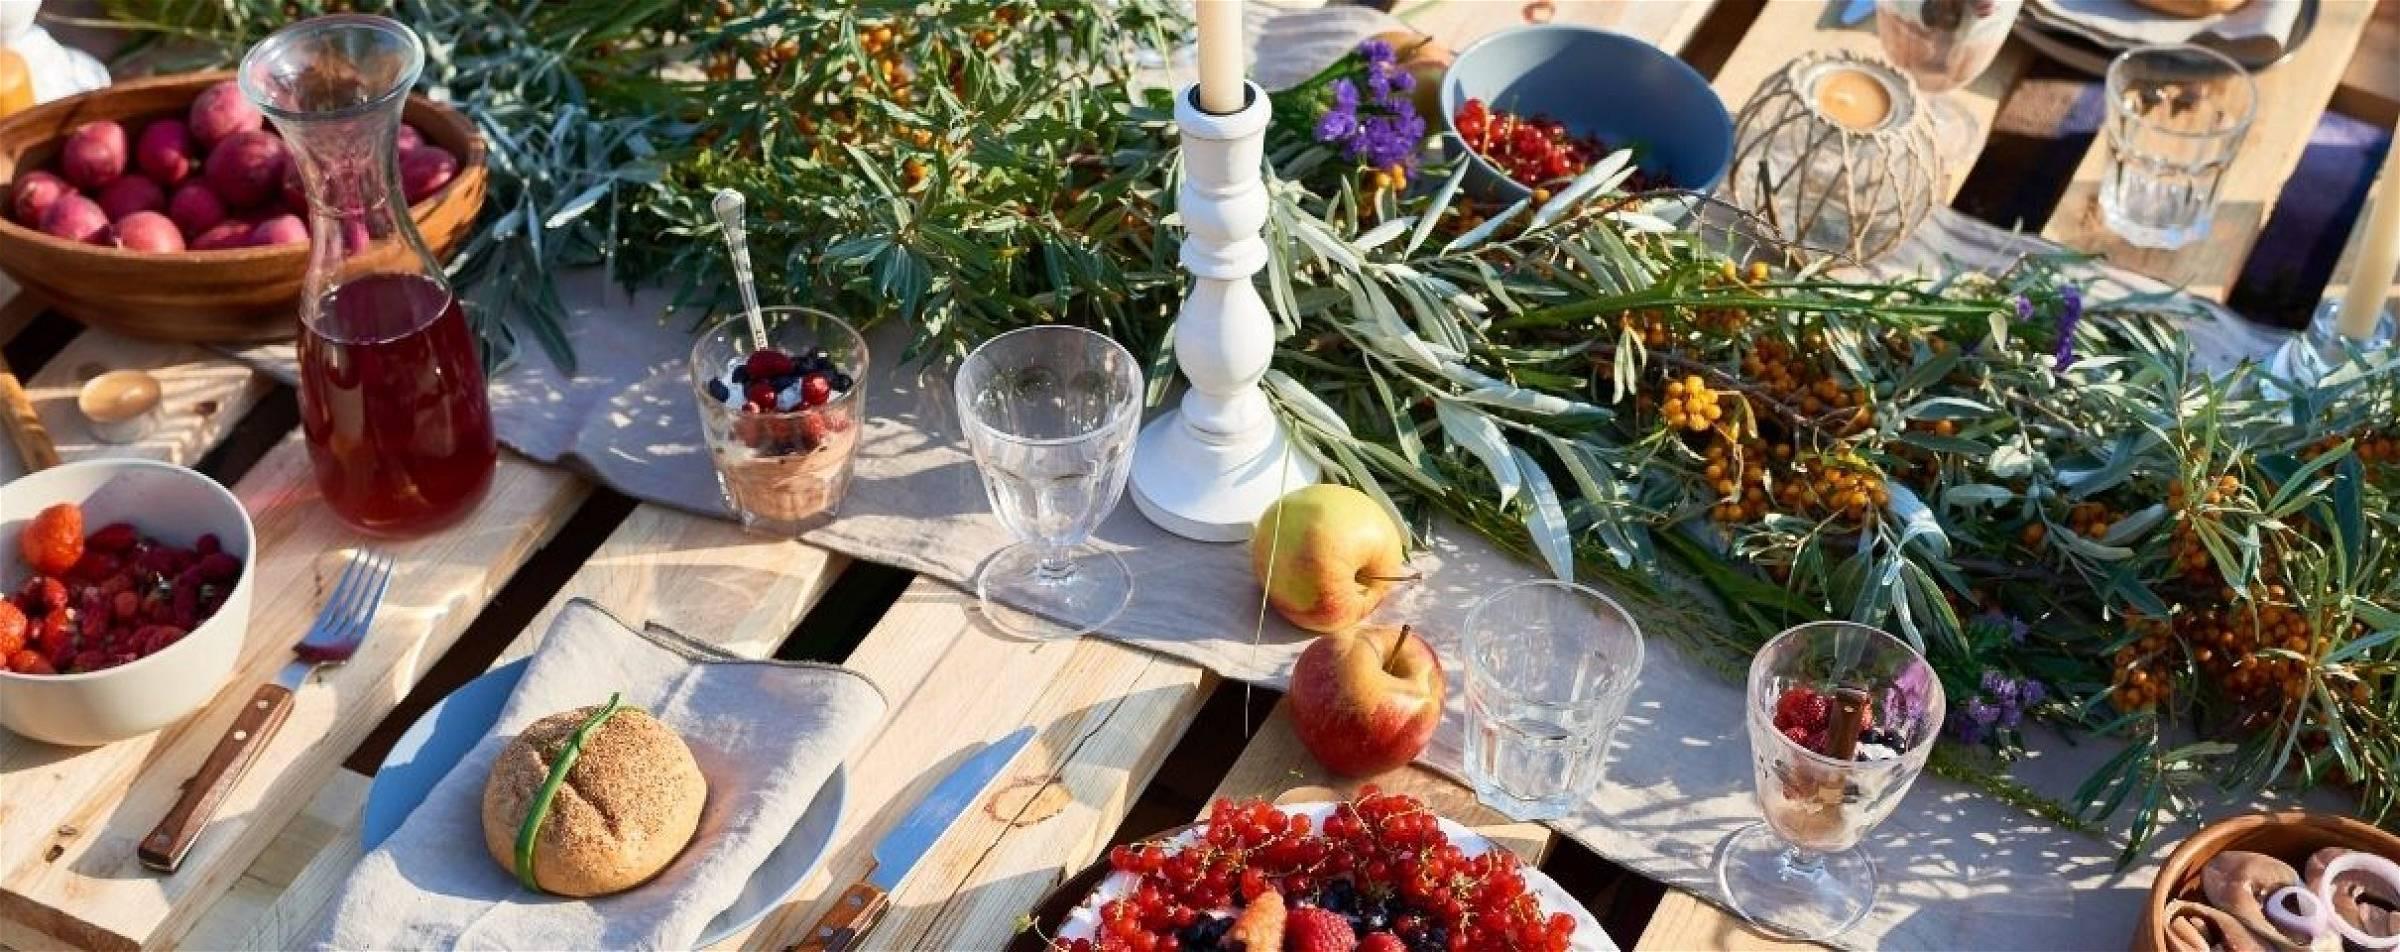 Overzicht van snelle zomerse gerechten die snel klaar zijn